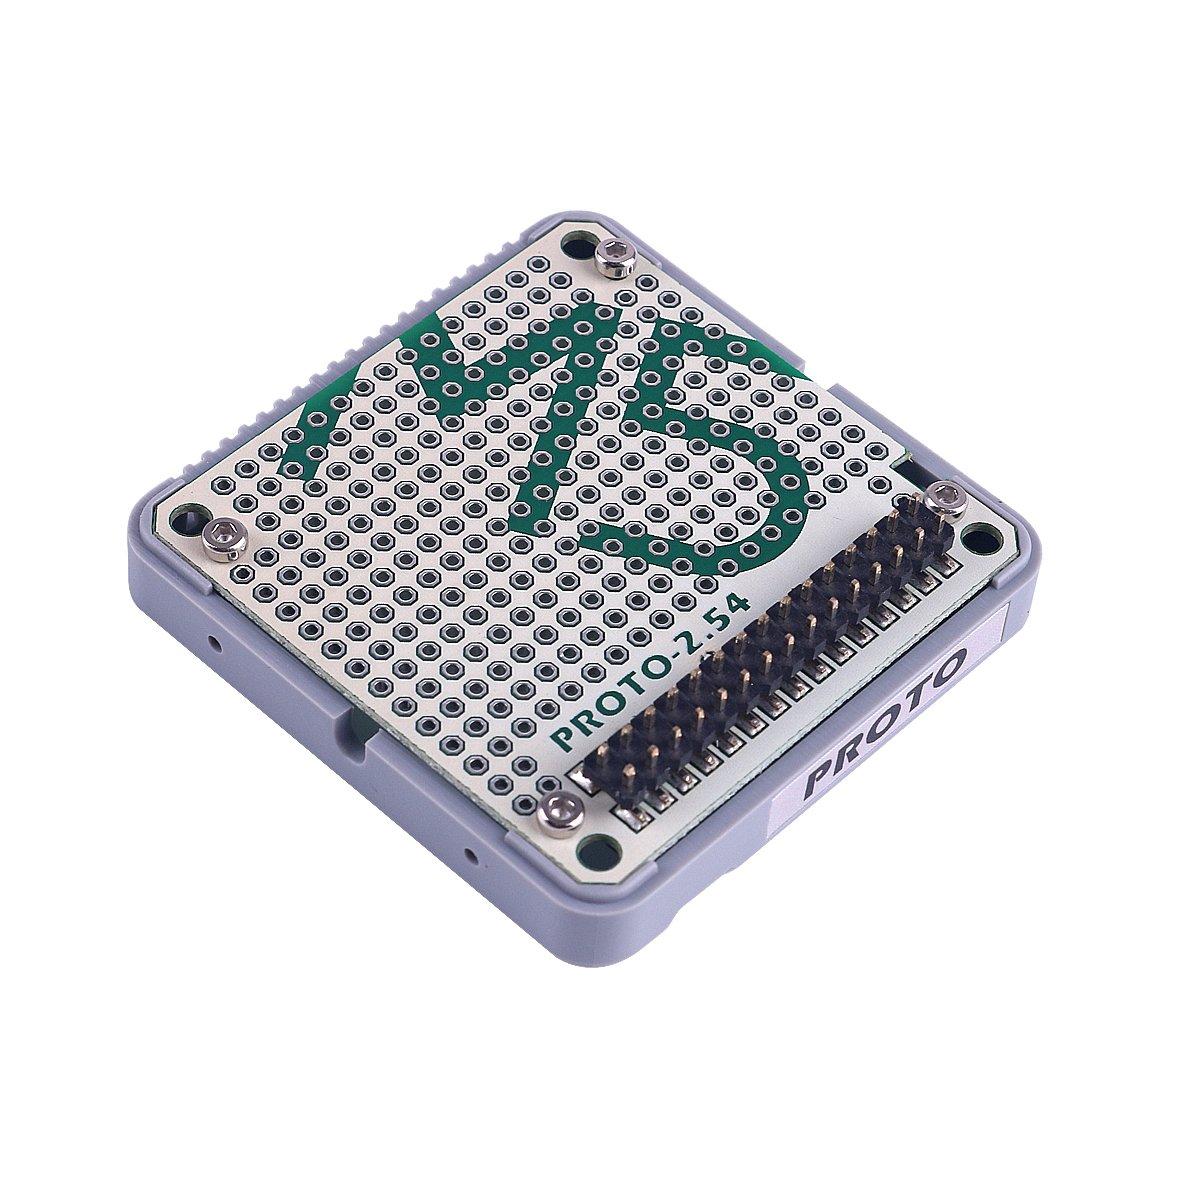 M5Stack StickV K210 AI Cámara Chip de 64 BIT RISC-V MPU6886 con 16M Flash ST7789